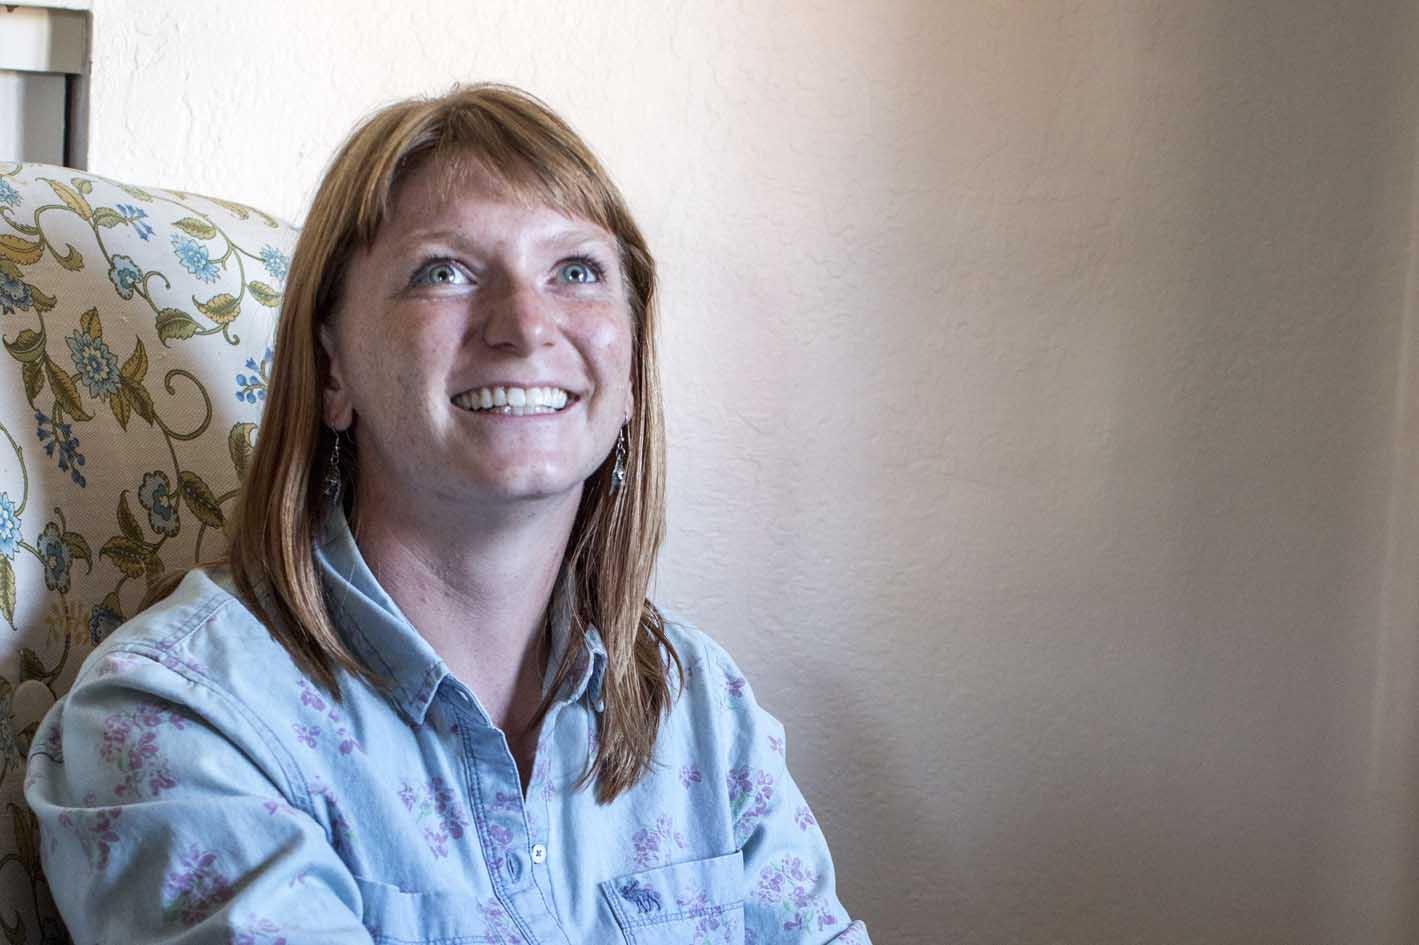 Image of Allison Reitz, founder of Good Elephant